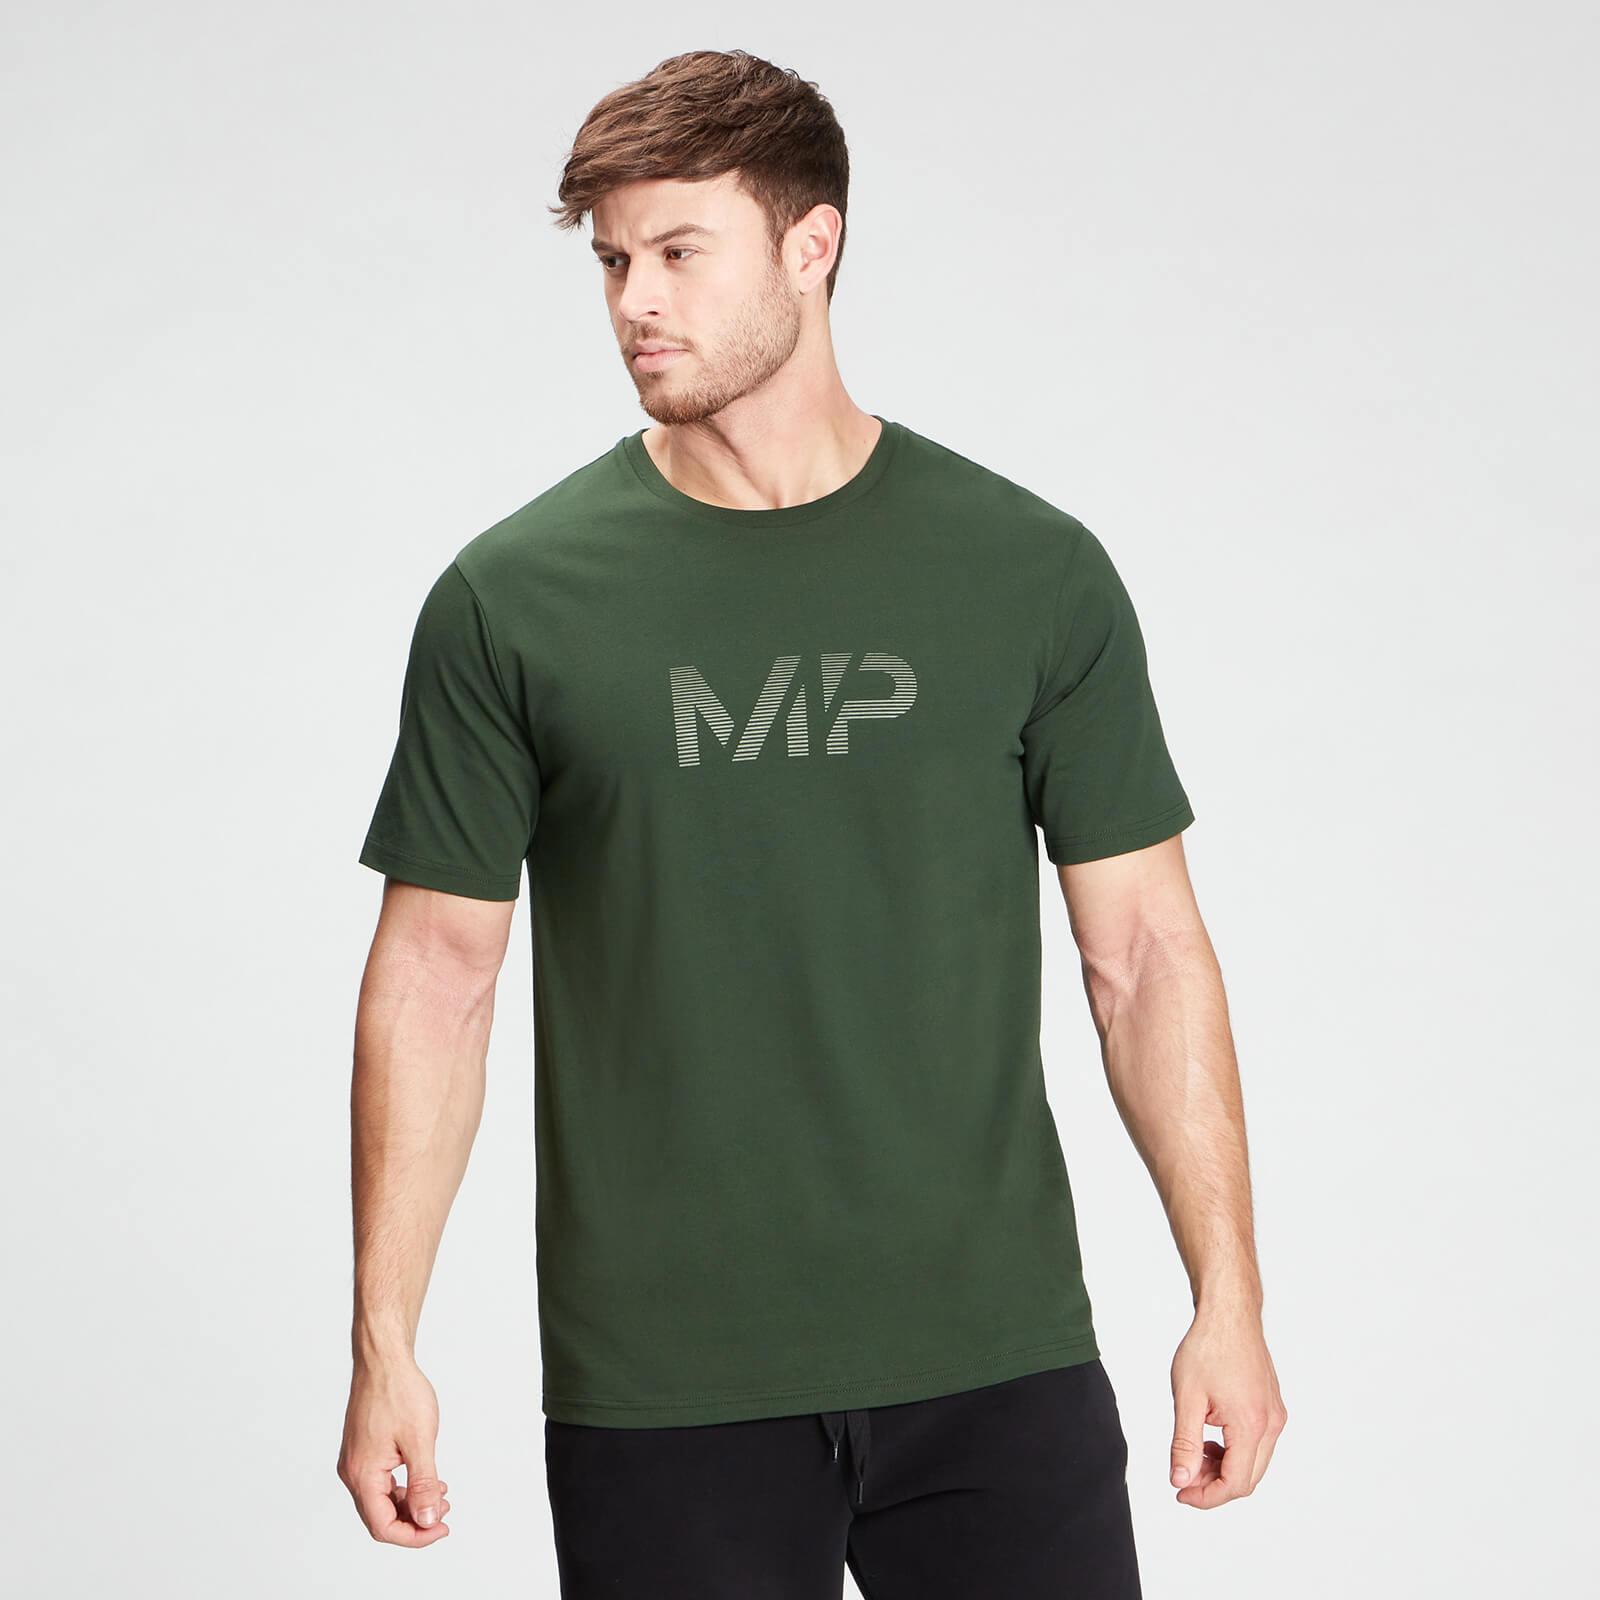 MP Men's Gradient Line Graphic Short Sleeve T-Shirt - Dark Green - XXL, Myprotein International  - купить со скидкой